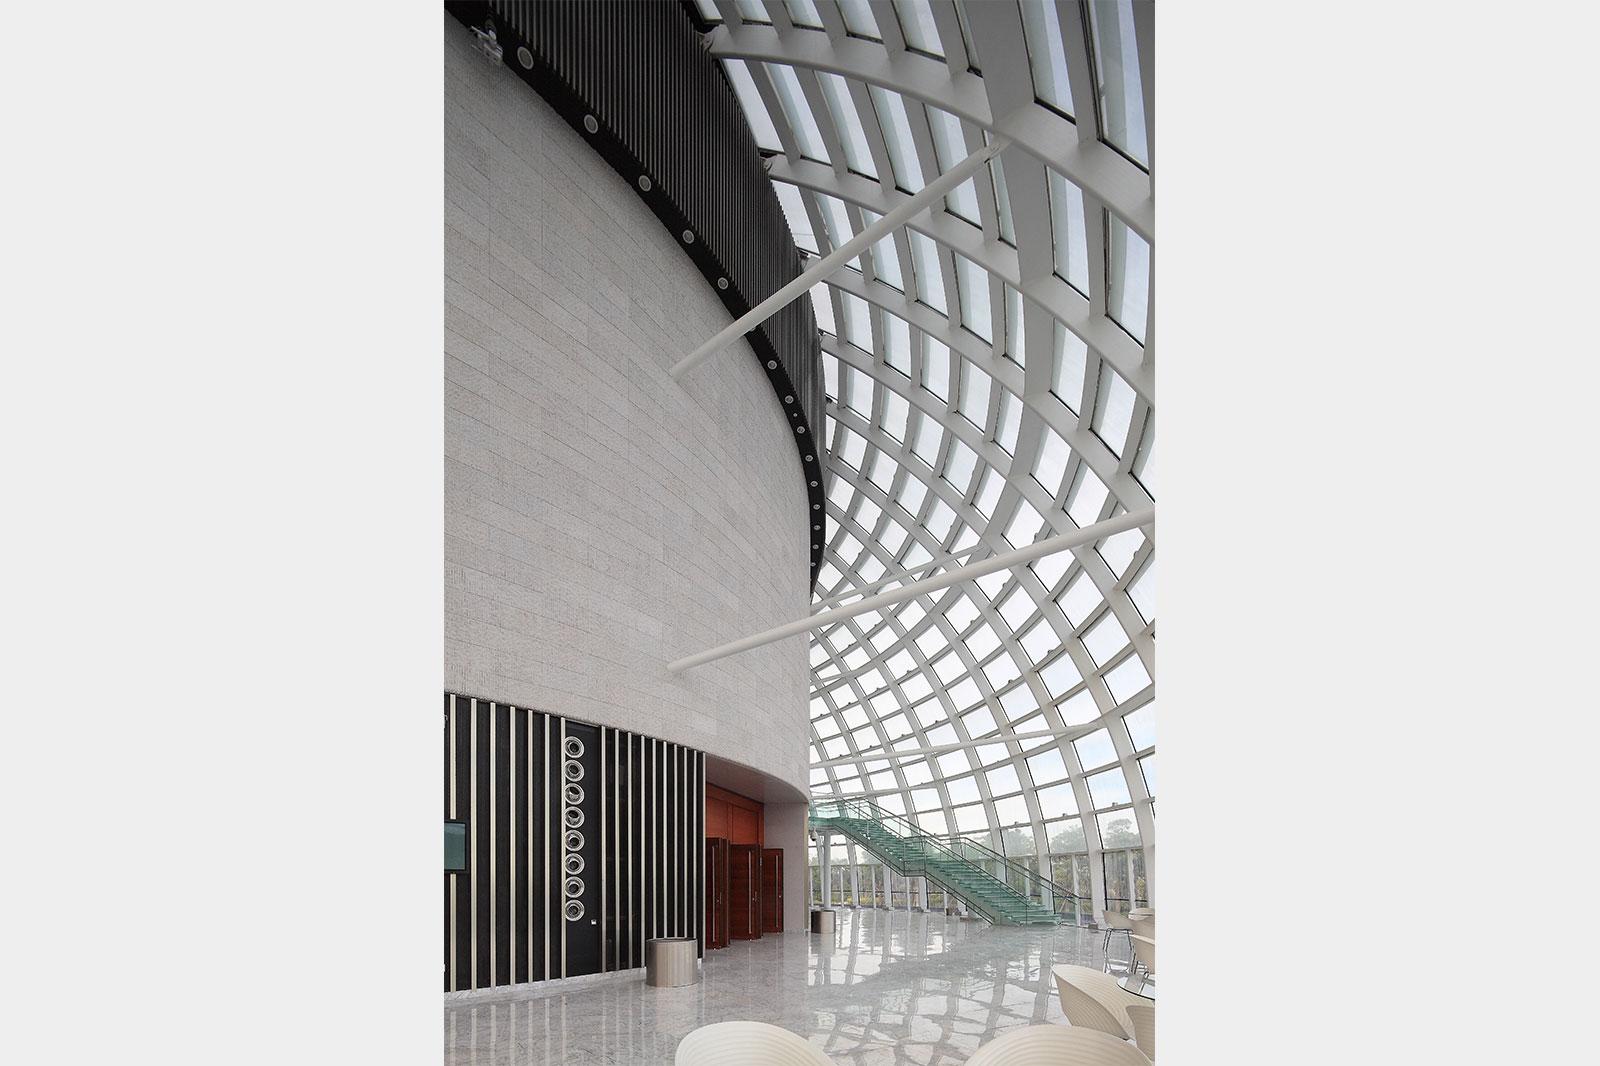 厦門海峡交流センター 国際会議センター